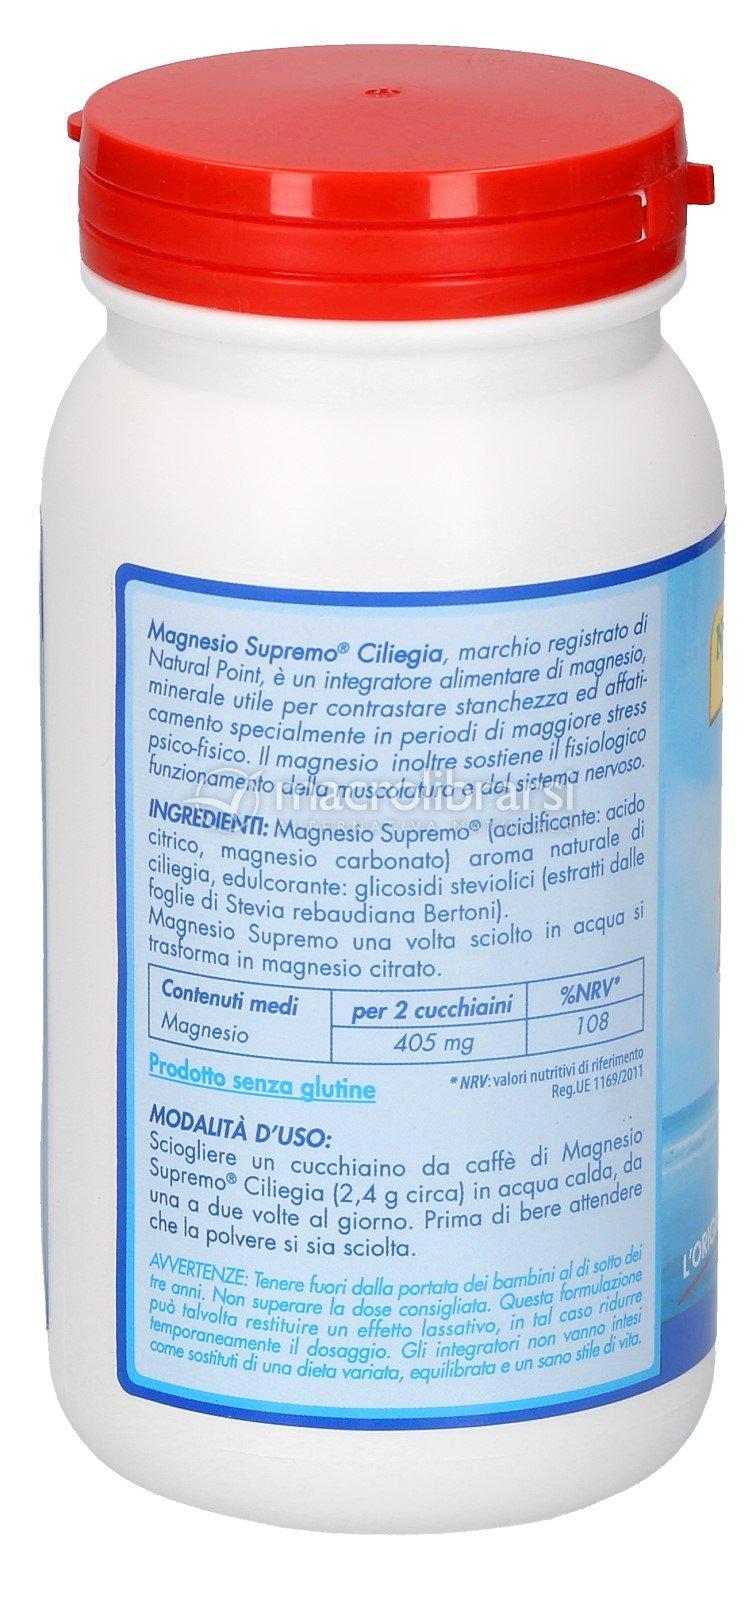 Magnesio Supremo Gusto Ciliegia Di Natural Point Macrolibrarsi It